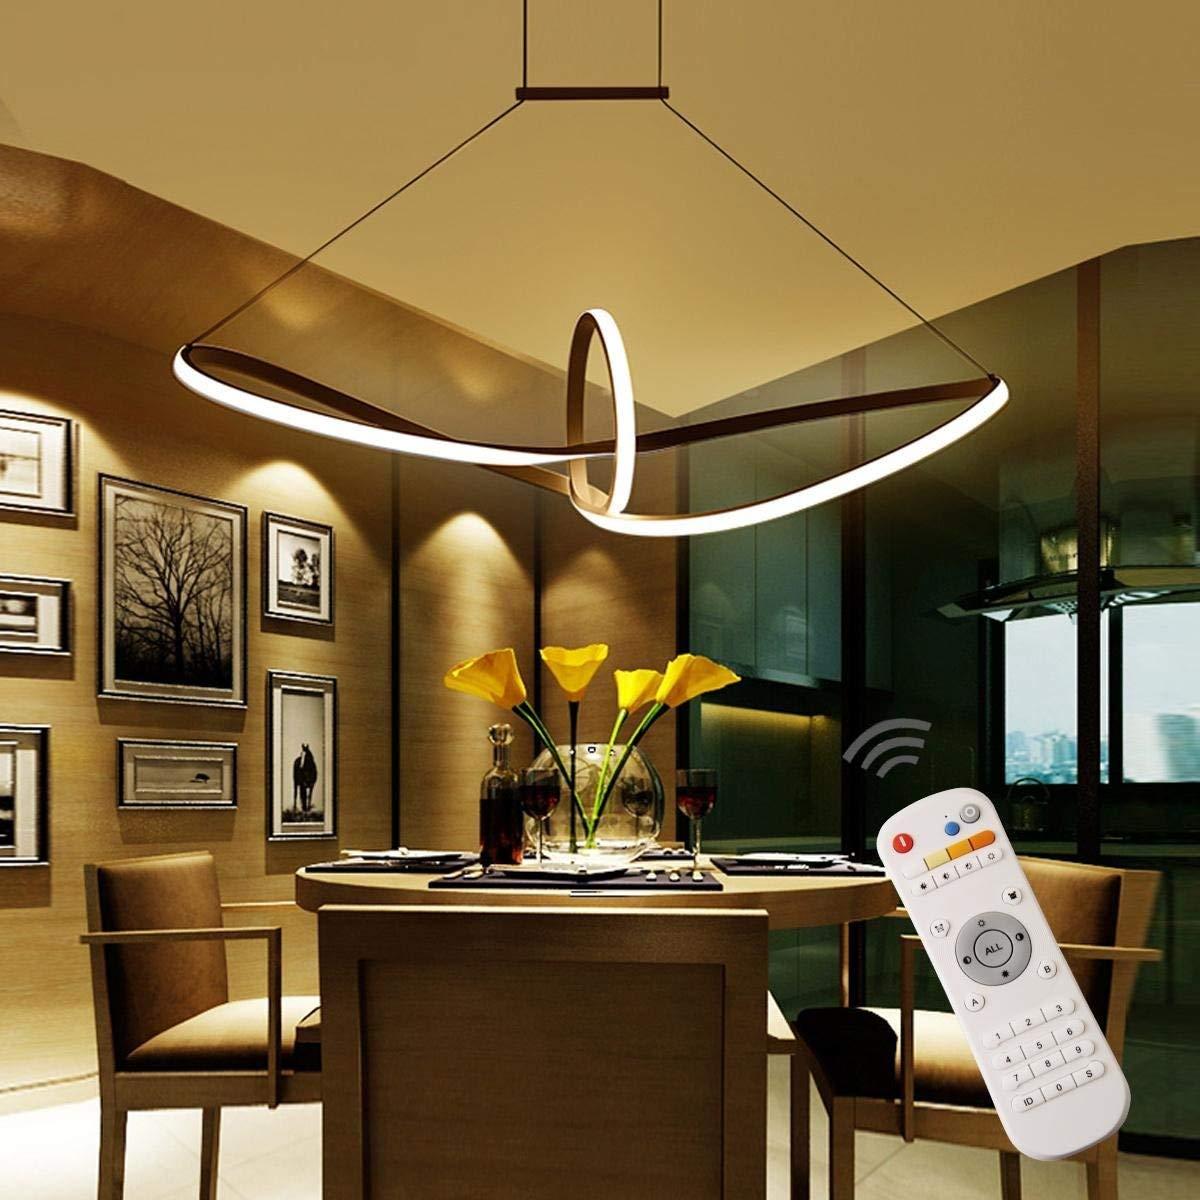 Homeny 48W LED Pendelleuchte Esstisch Hängelampe Pendellampe ...